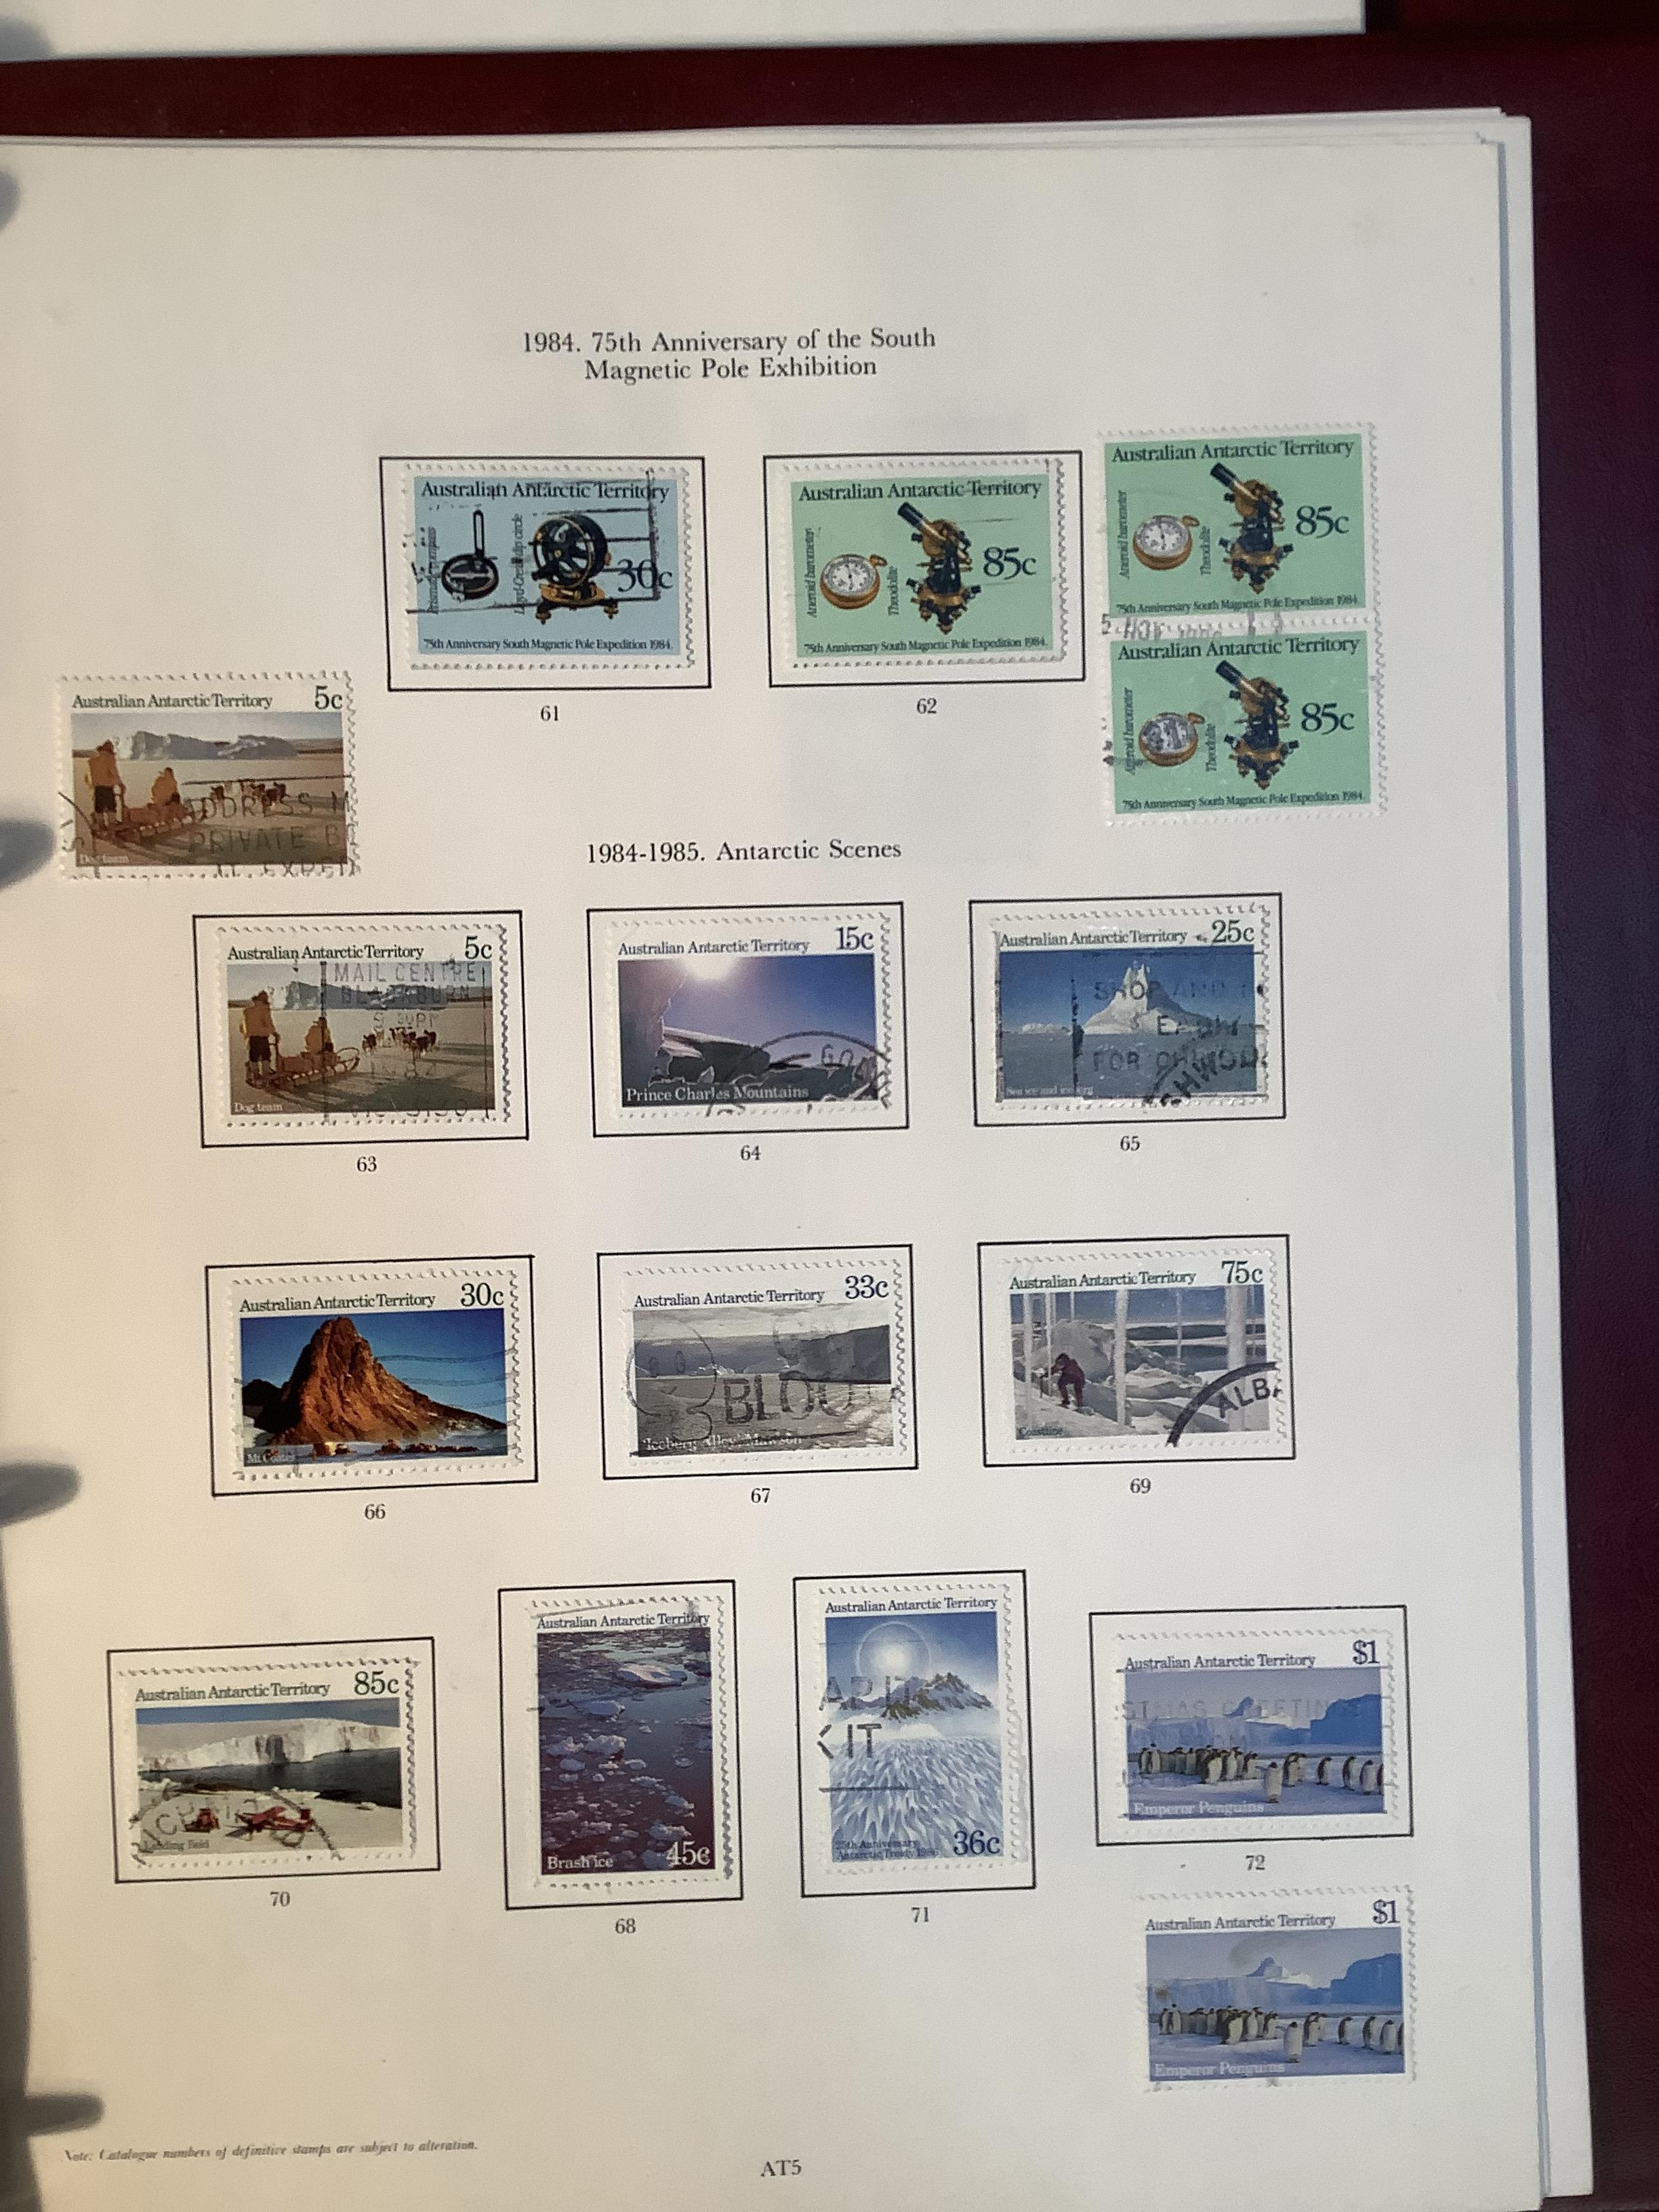 Two SG Australia stamp albums, Australian states for 1856 to 1913, Kangaroos though 20th century - Image 6 of 7